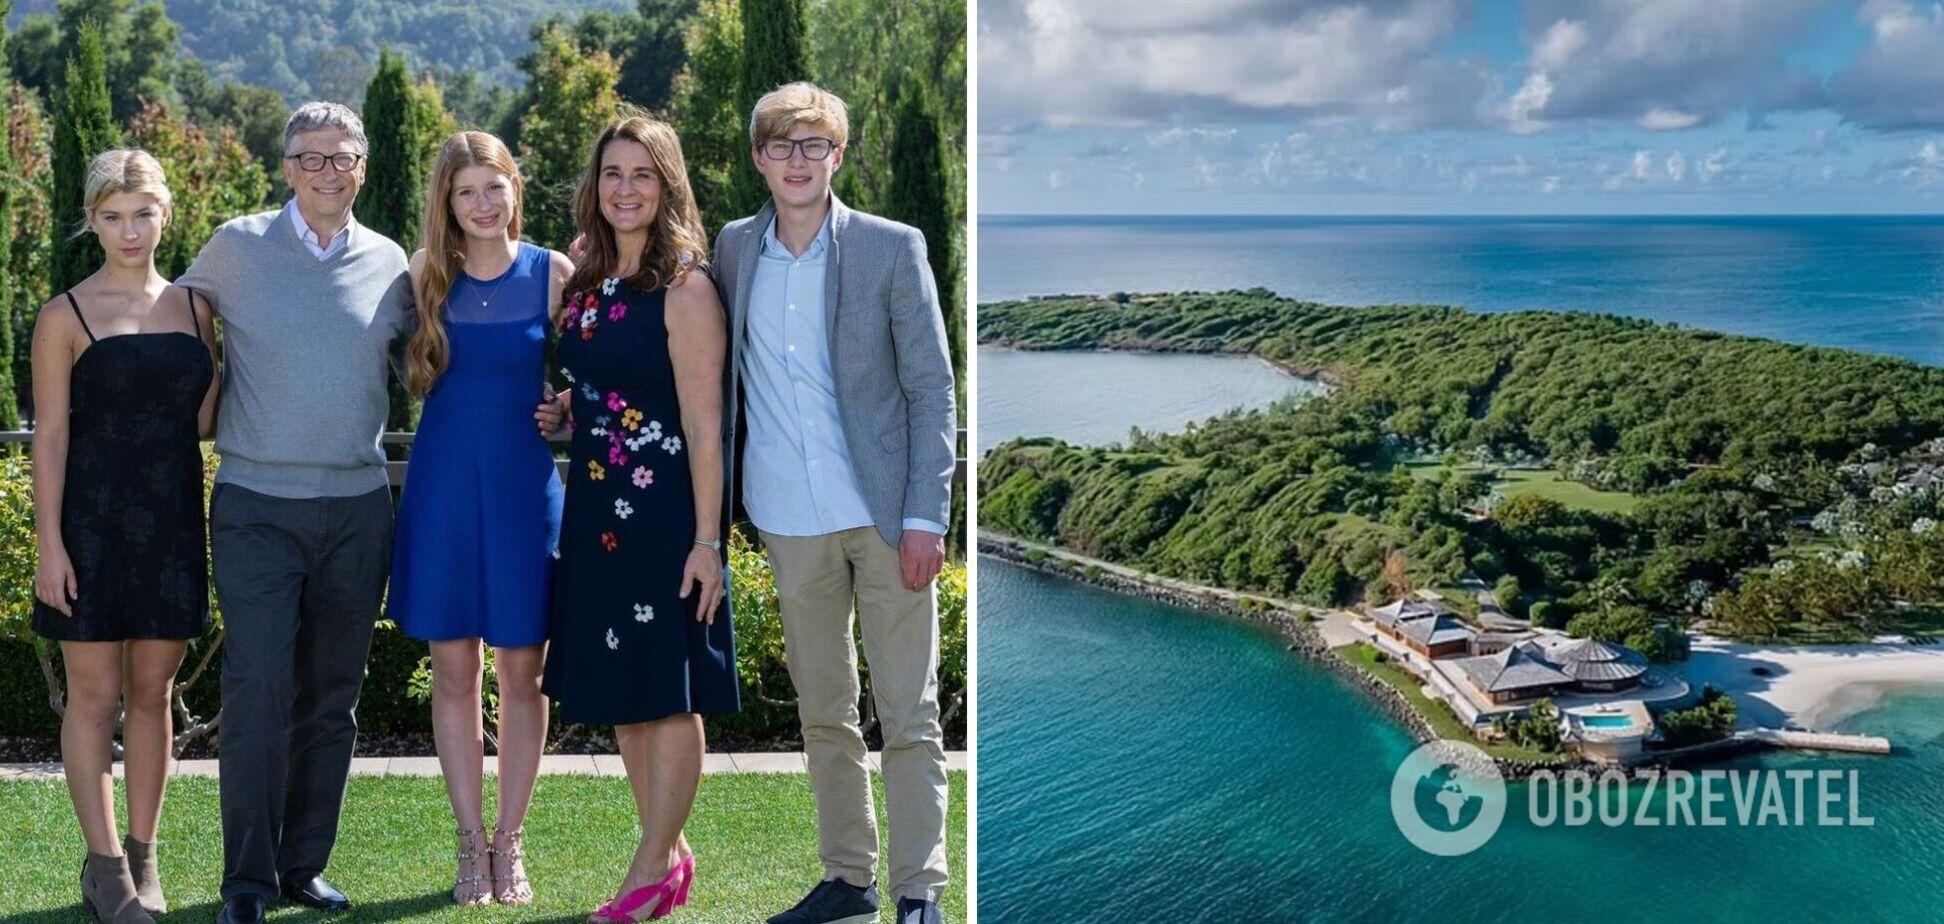 Жена Гейтса арендовала остров, чтобы спрятаться с детьми от СМИ